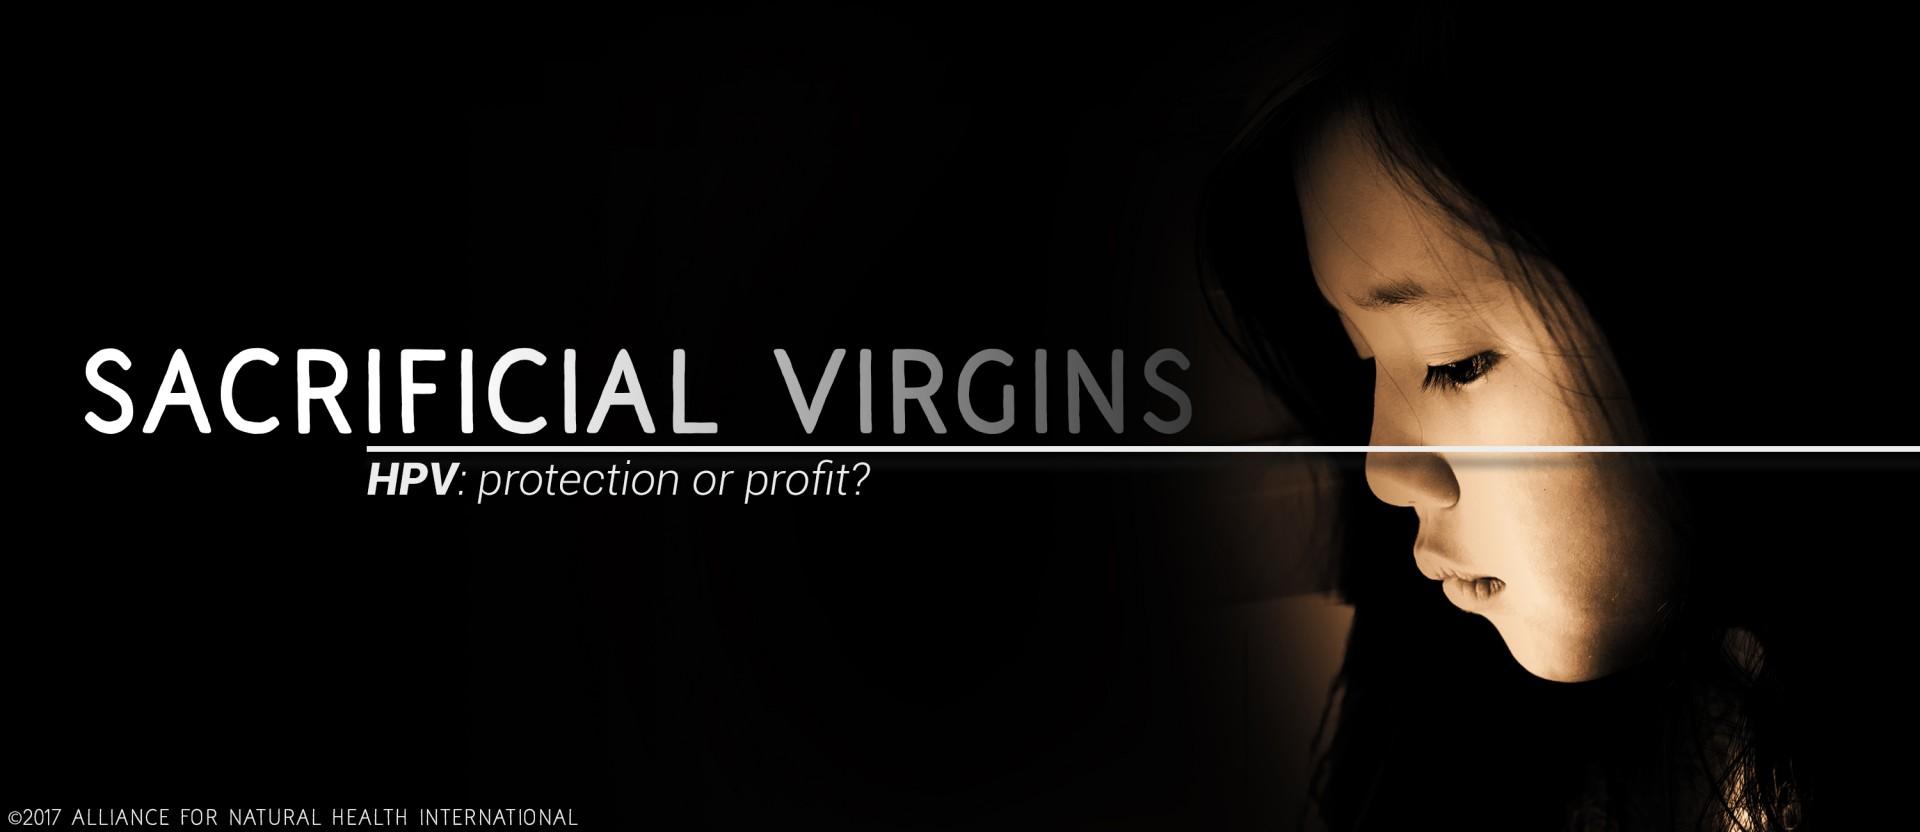 Sacrificial Virgins: Een bewustmakende onthullende documentaire over de gevaren van de HPV vaccinatie